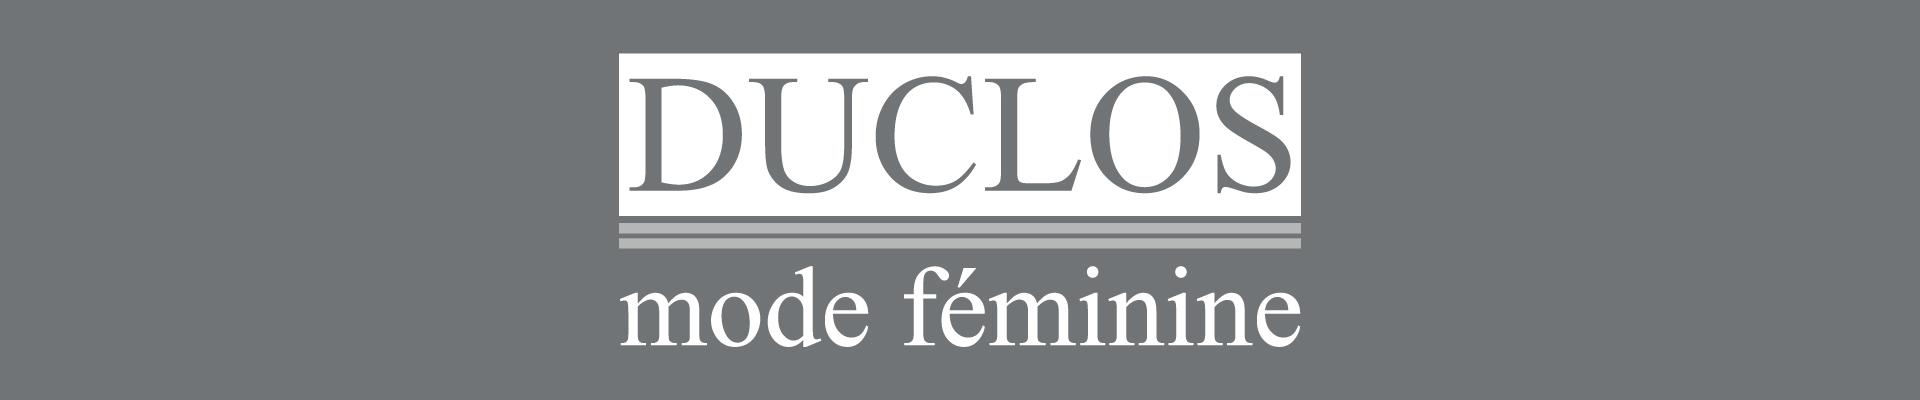 Boutique Duclos mode féminine